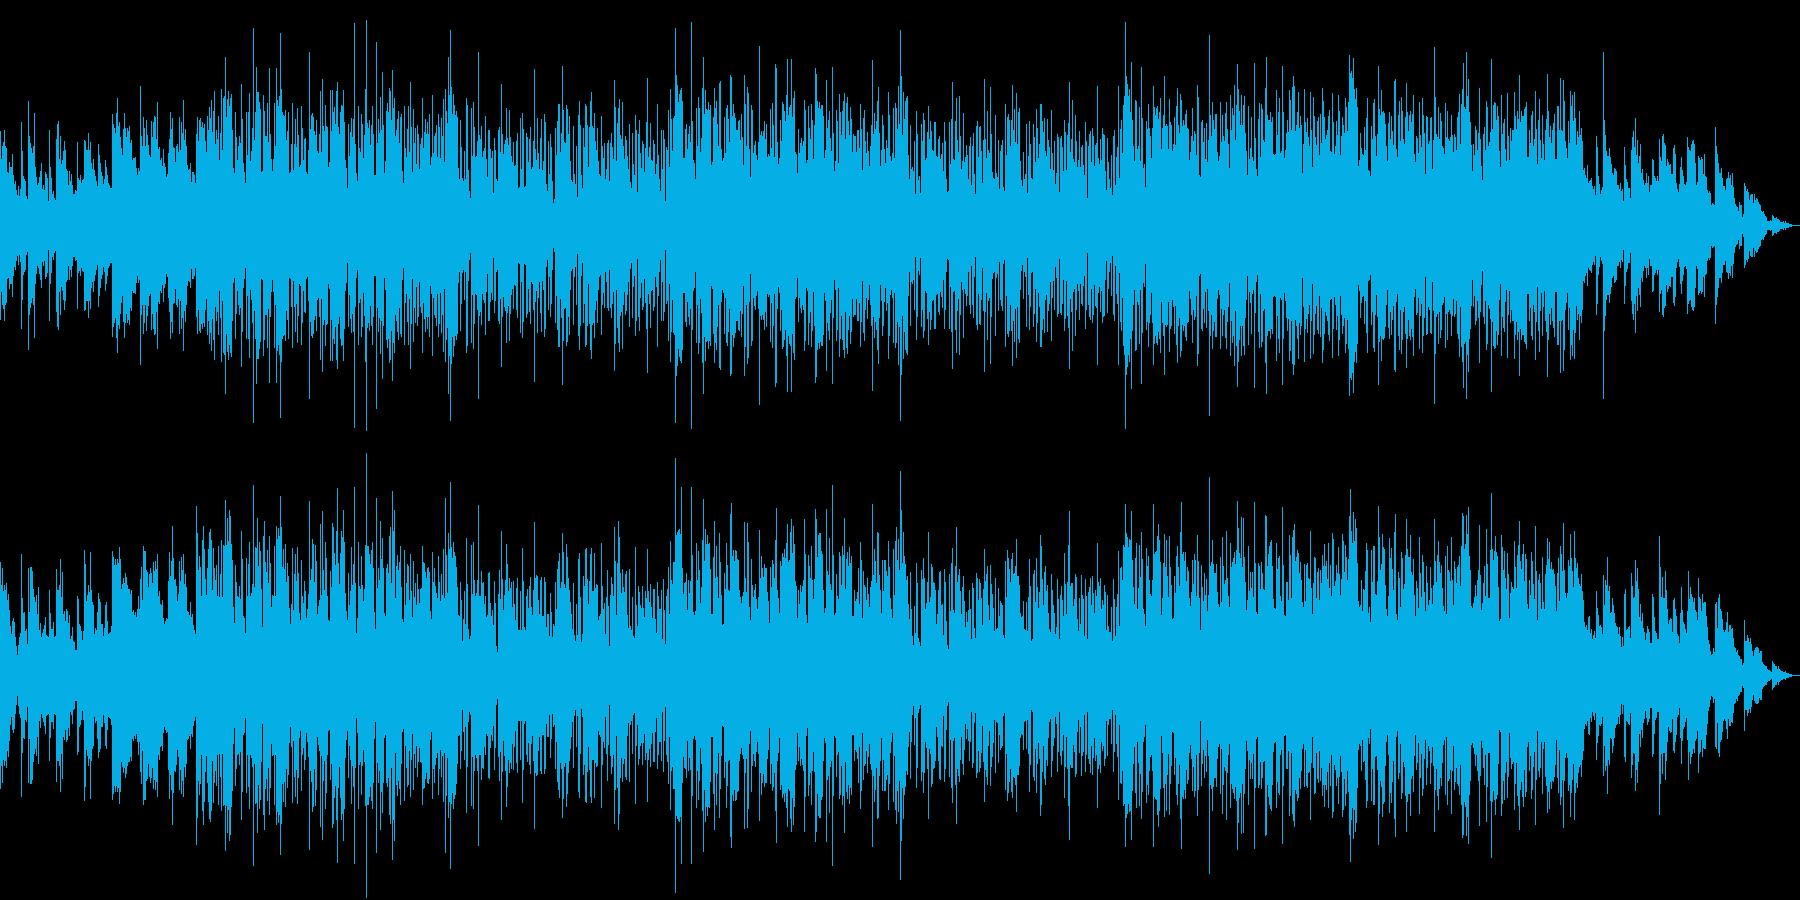 Lo-fiなサウンドでR&Bテイストの曲の再生済みの波形